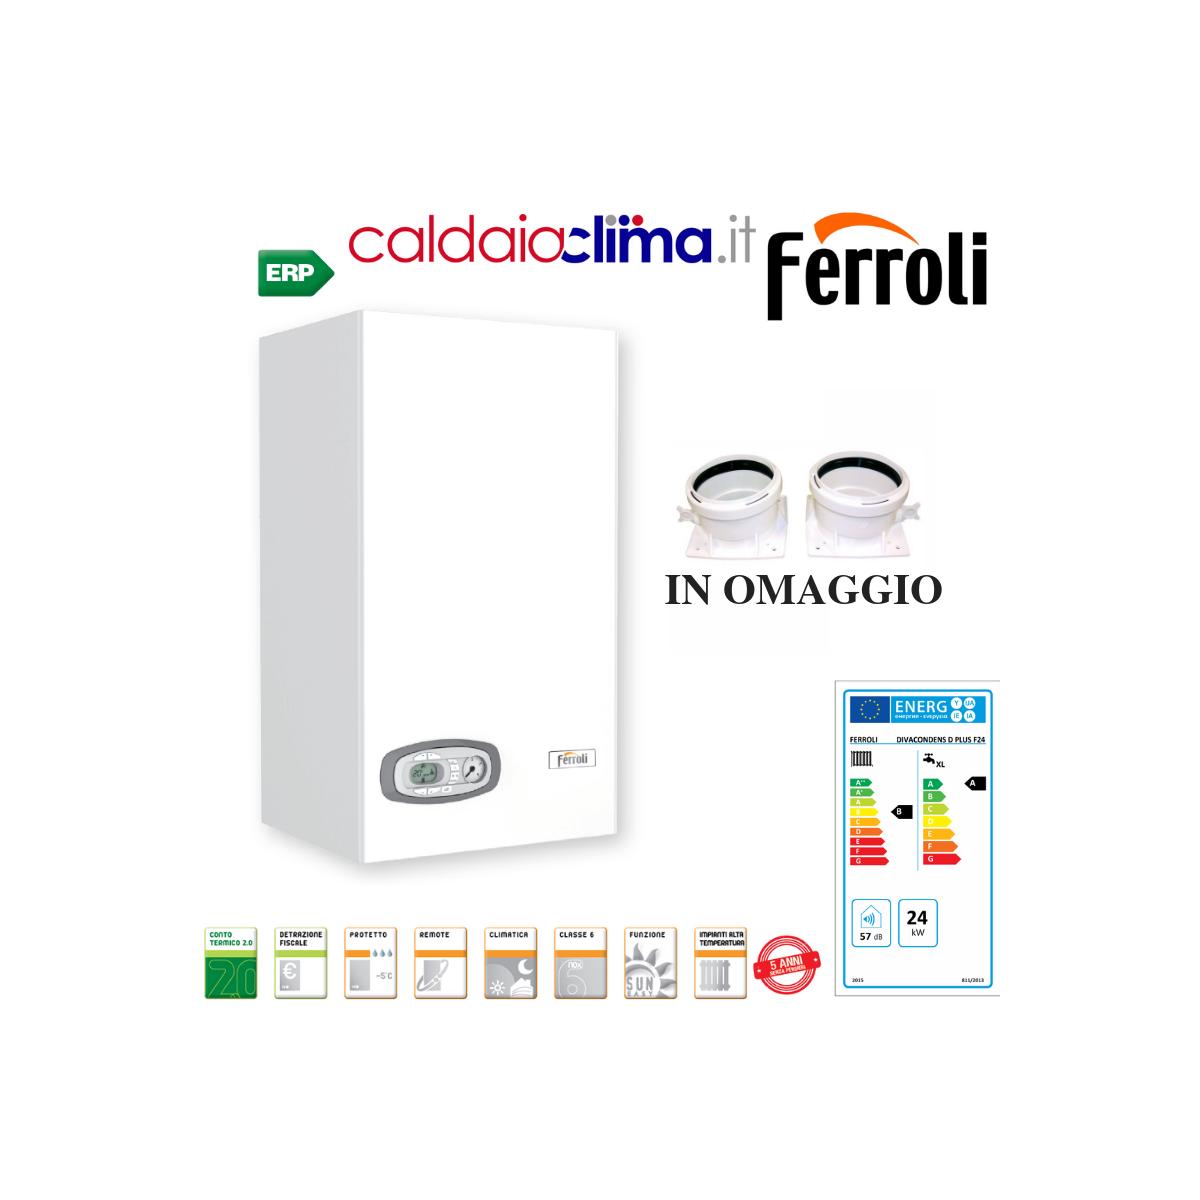 Caldaia a condensazione Ferroli Divacondens Plus D F24-24kw Metano